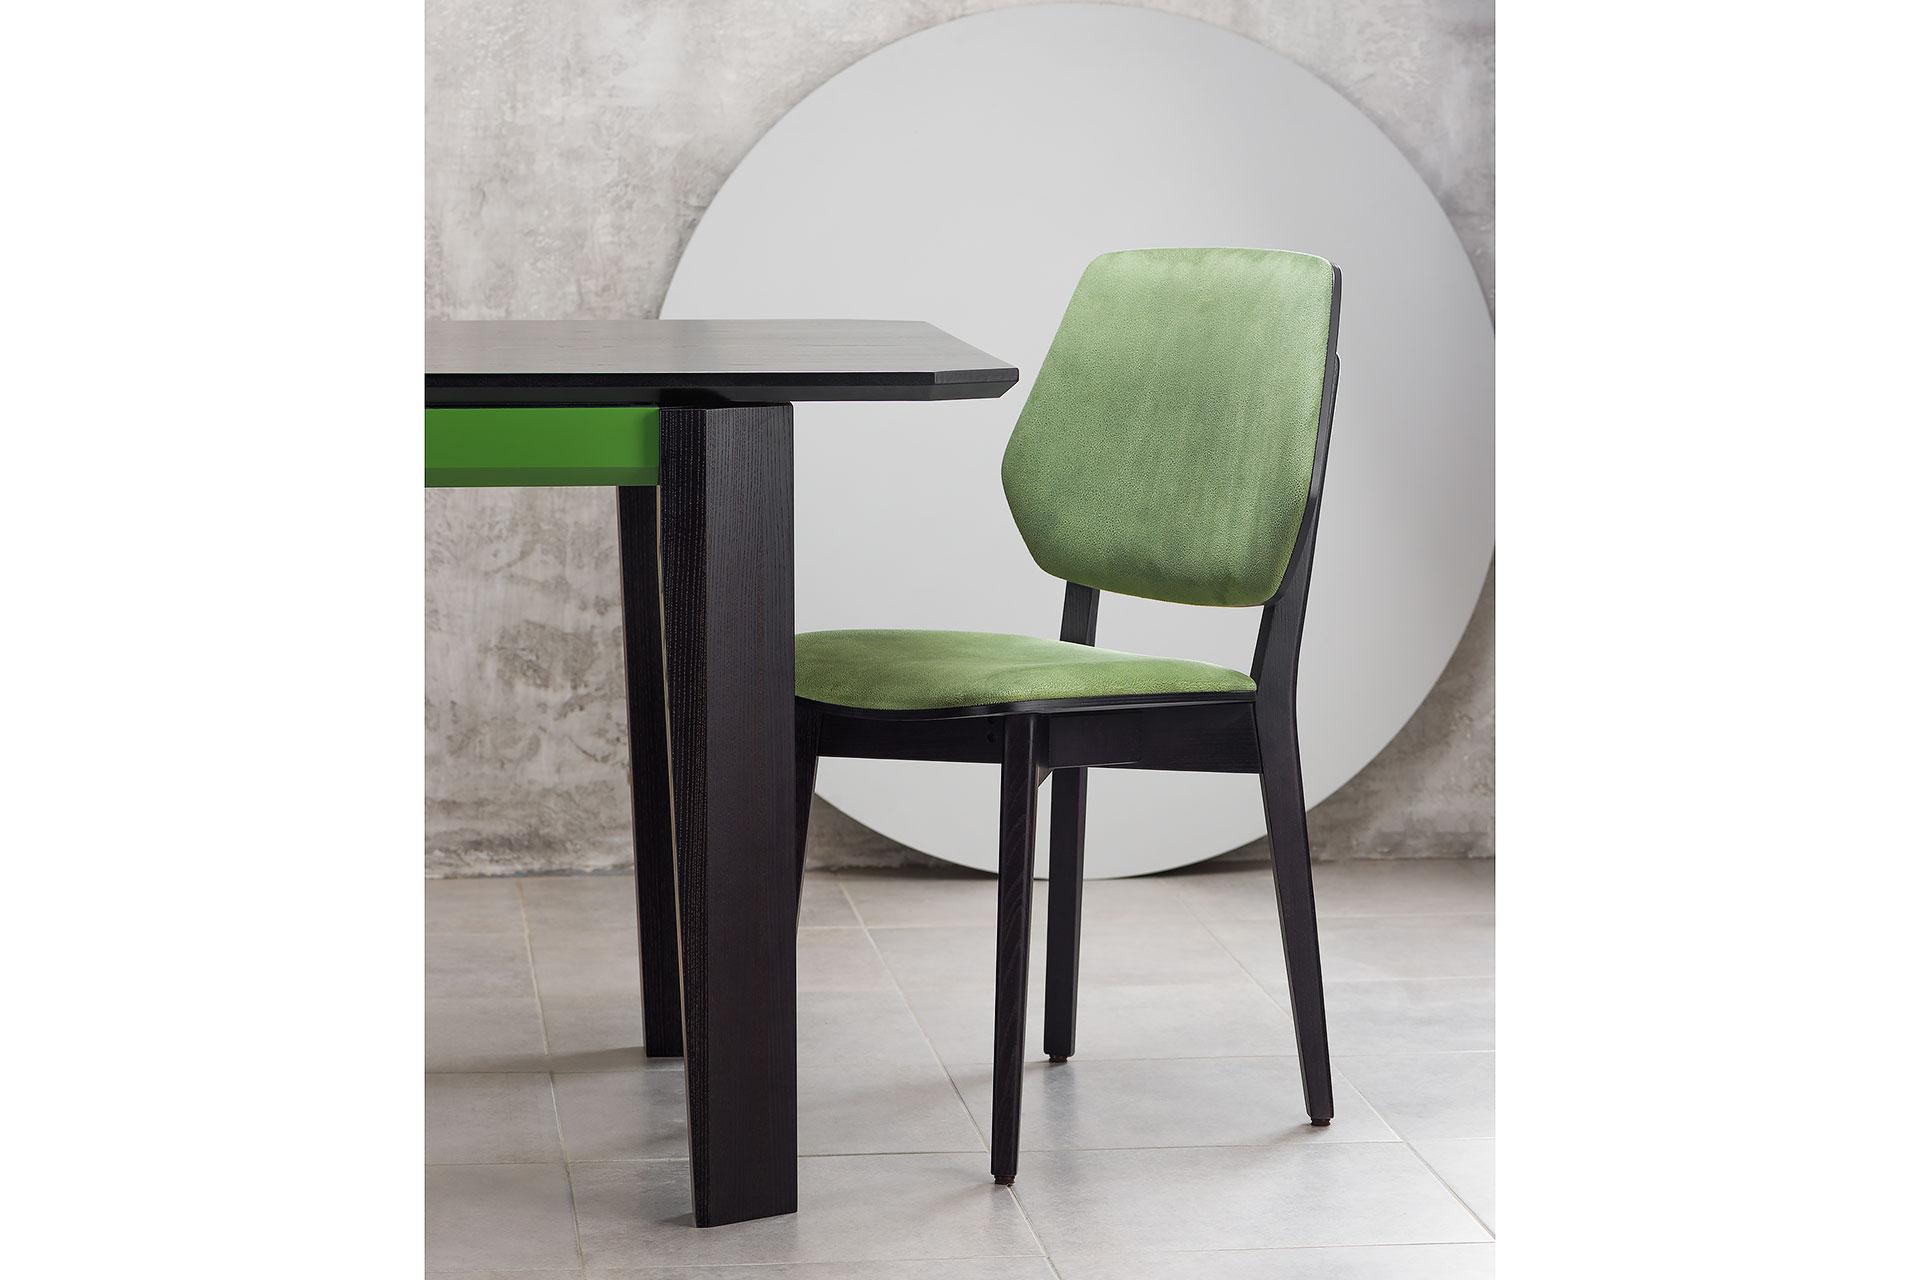 """Обеденная группа: раскладной кухонный стол """"Варгас"""" черно-зеленый (столешница шпонированная) с твердого дерева + 4 стула 03В, черный каркас с зеленой мягкой спинкой и сиденьем со штучной замши Exim Mustang Light Green (угол стола)"""